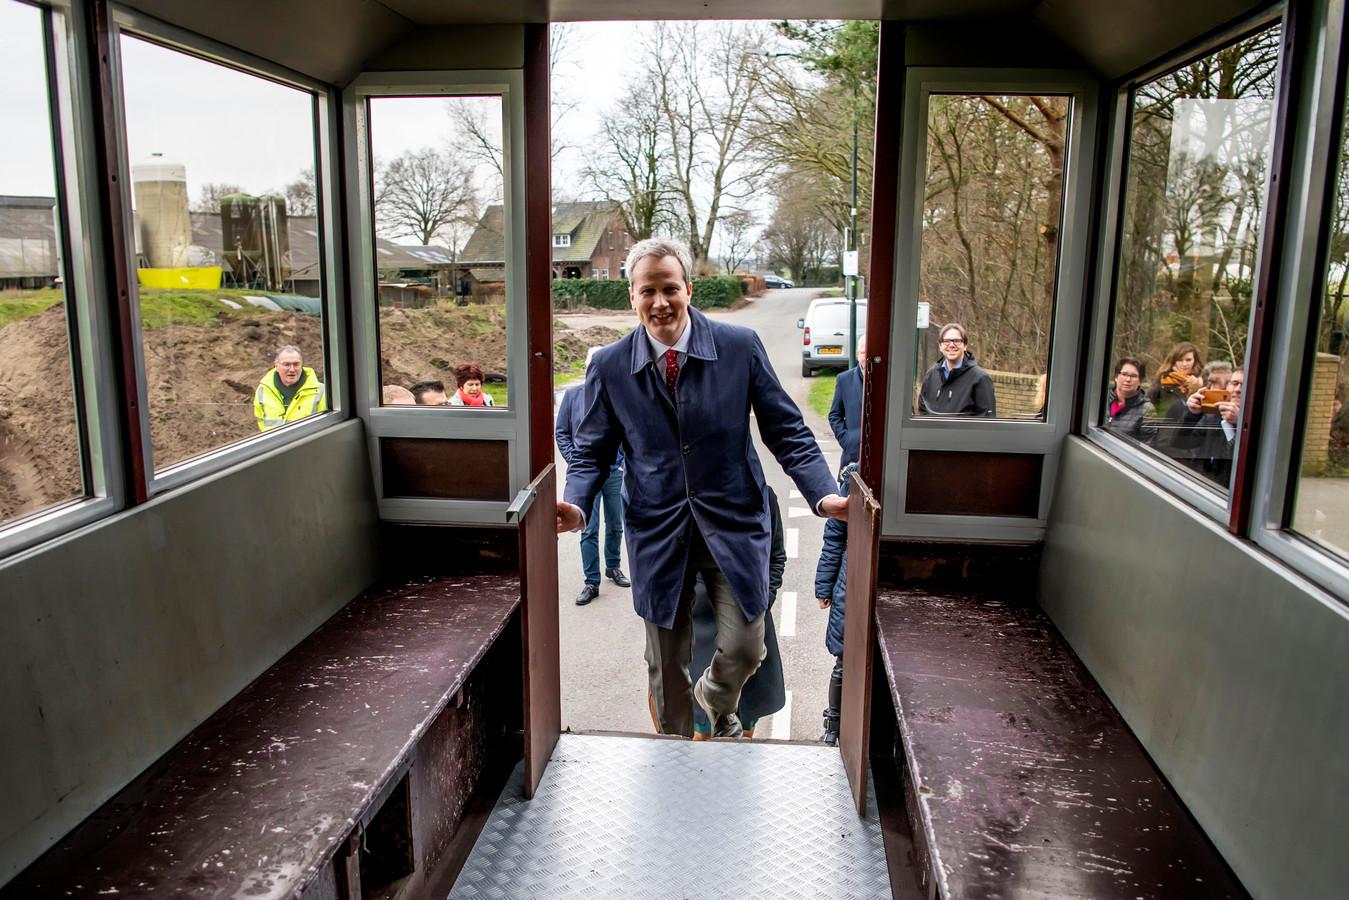 Burgemeester Evert Weys werd vorige maand rondgeleid in zijn nieuwe gemeente Hilvarenbeek. Een maand later moet hij de rol van crisismanager al op zich nemen.